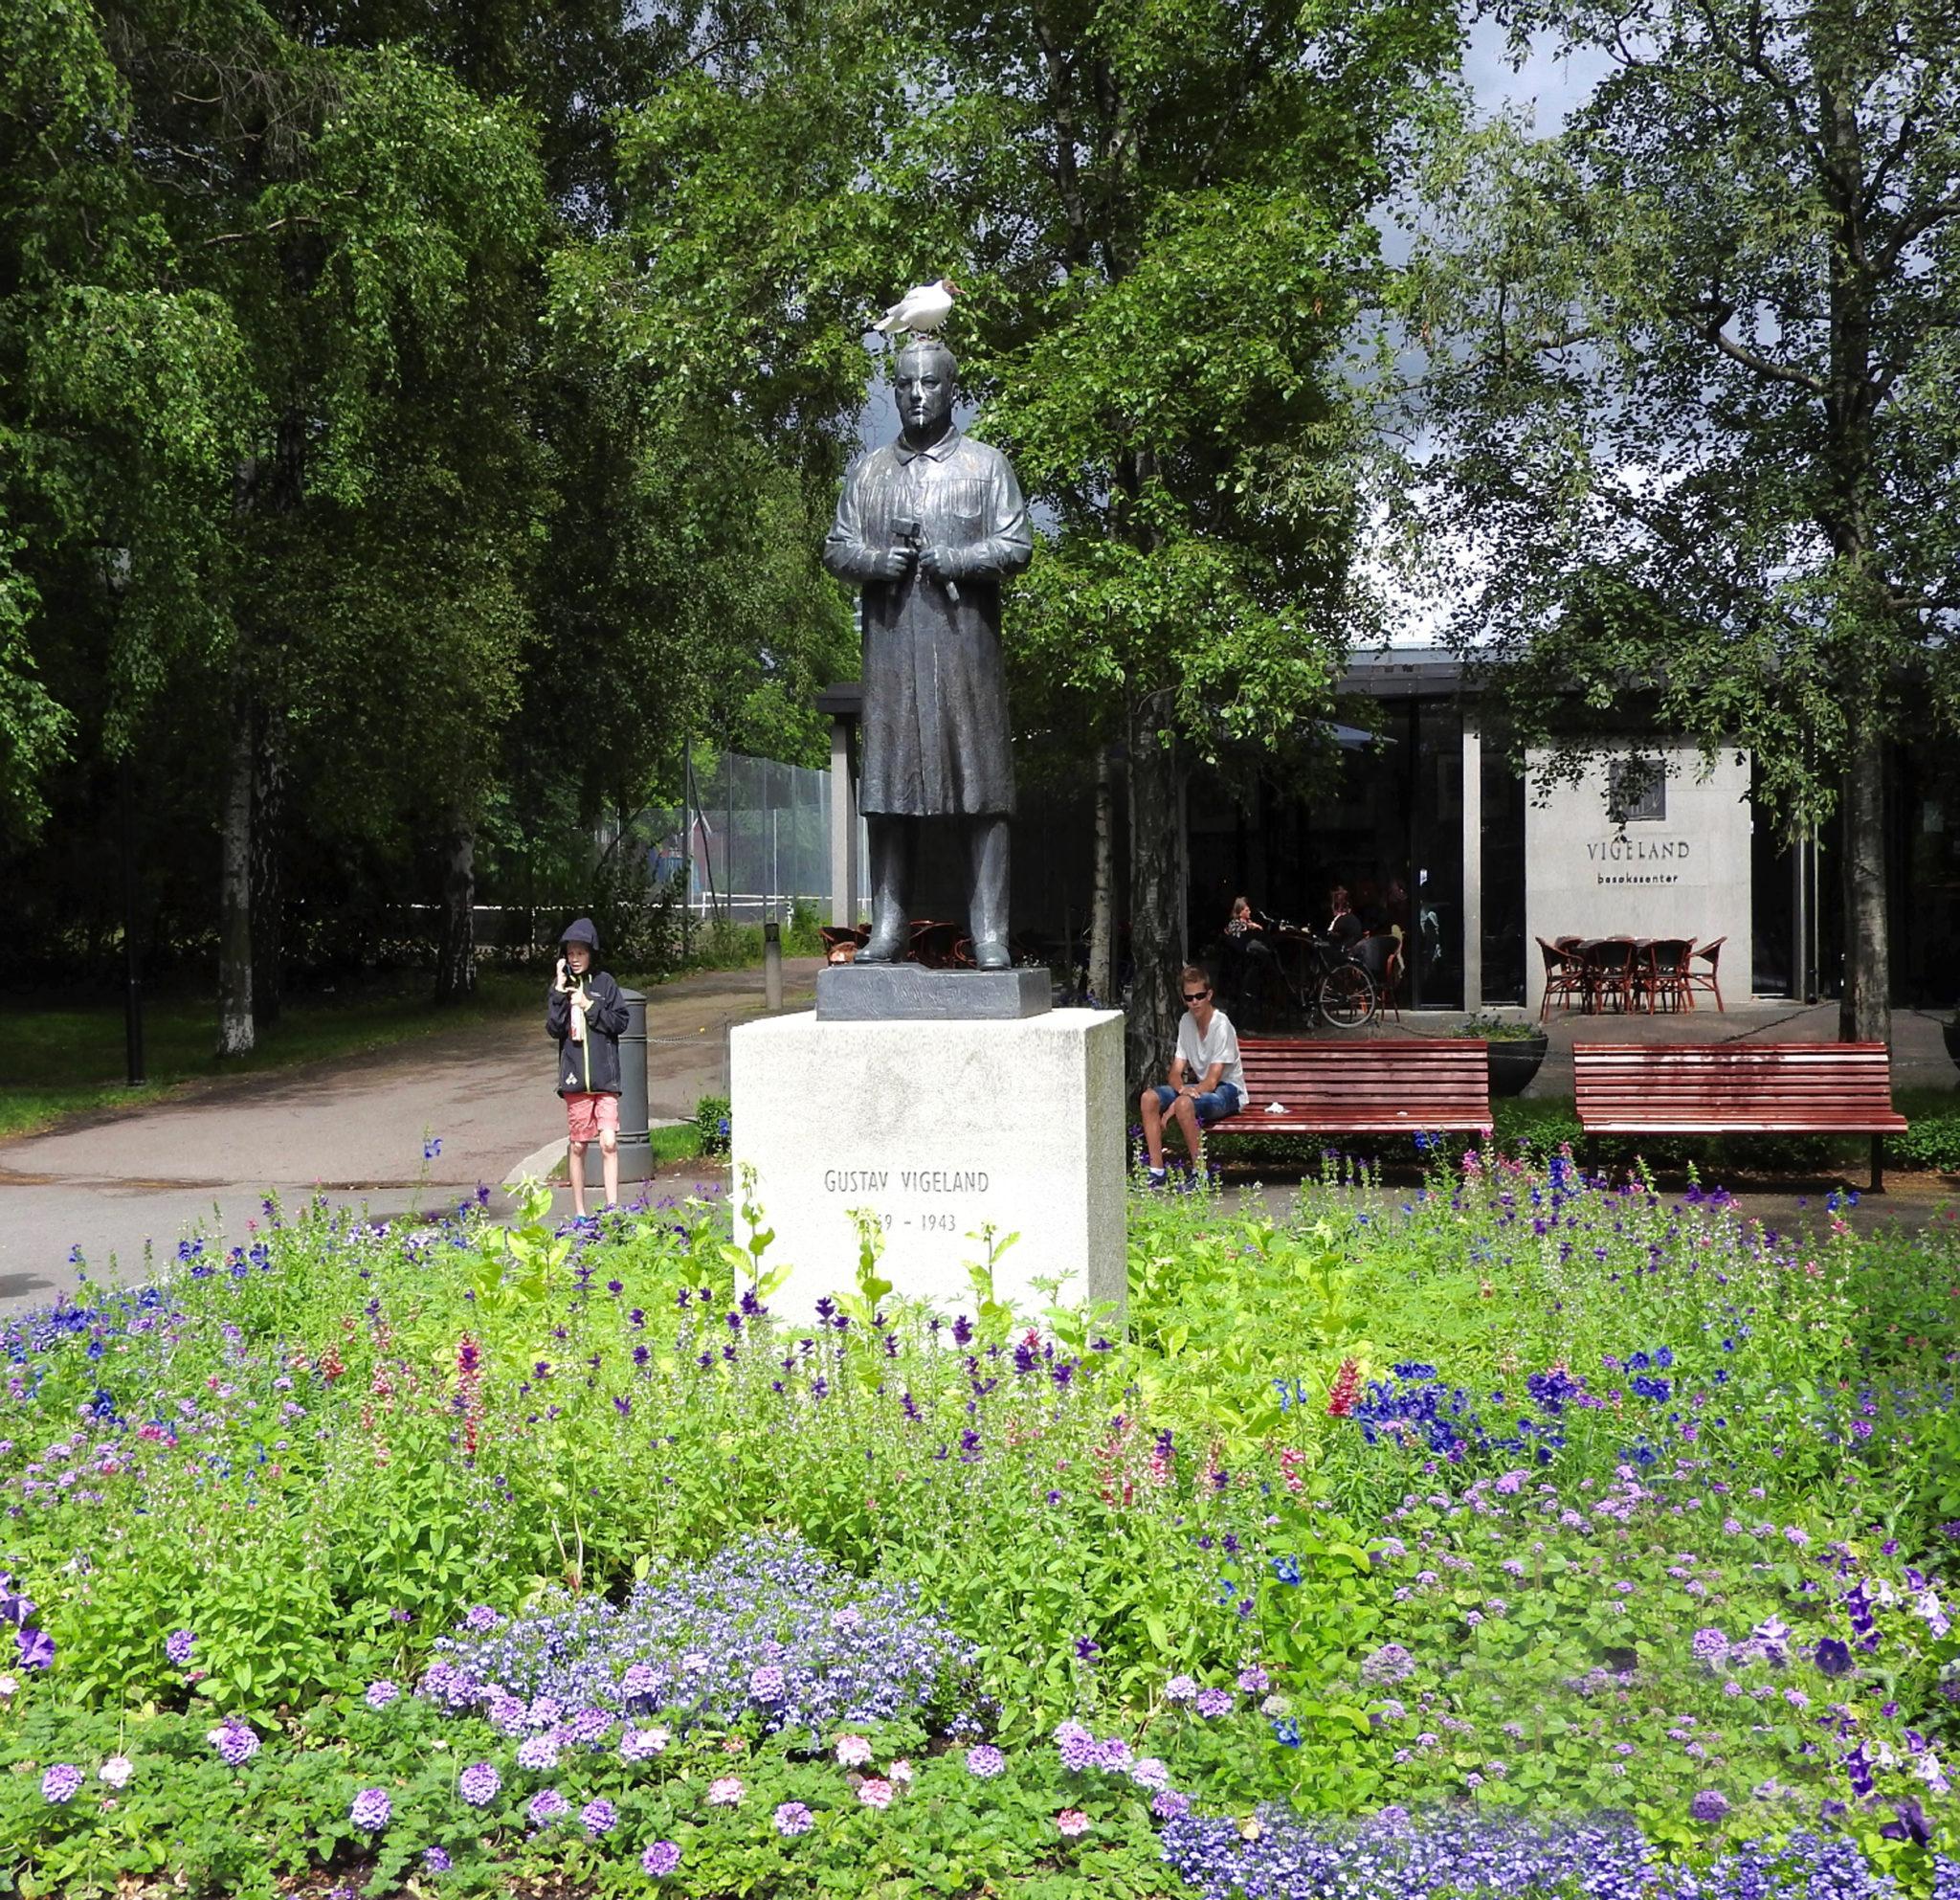 Gustav Vigeland statue at entrance to Frogner